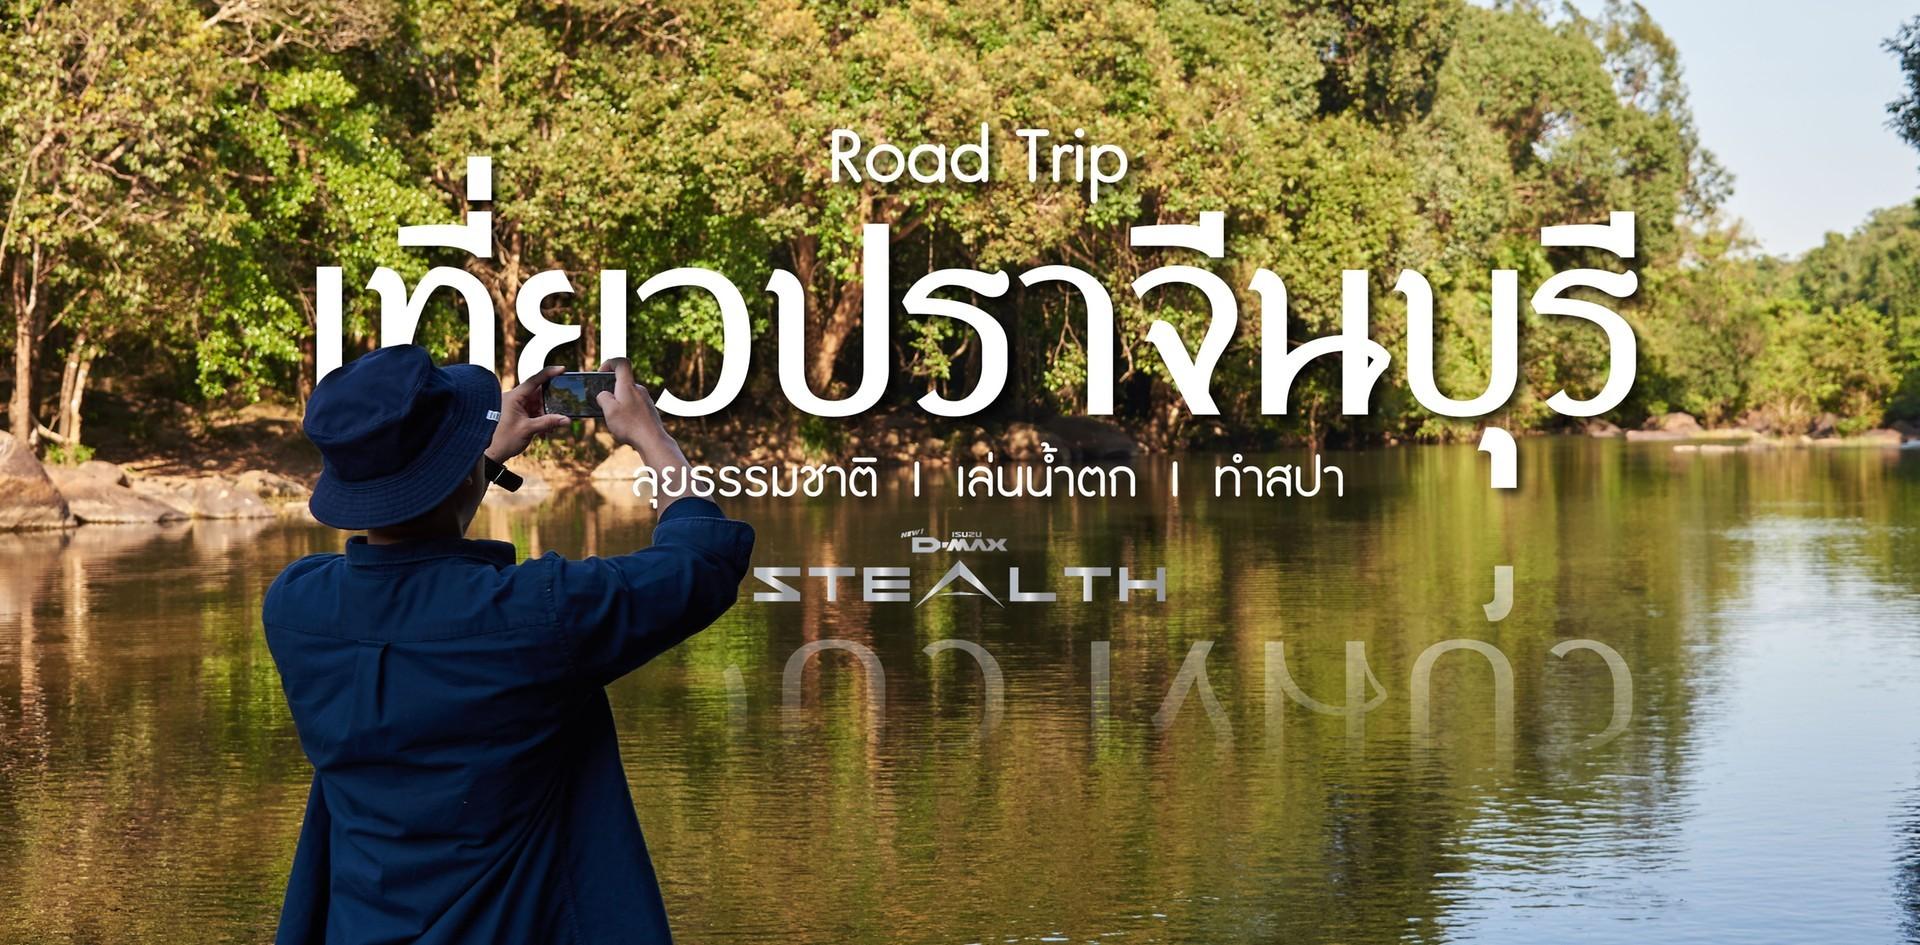 ลุยธรรมชาติ | เล่นน้ำตก | ทำสปา | 'Road Trip ลุยเที่ยวปราจีนบุรี'